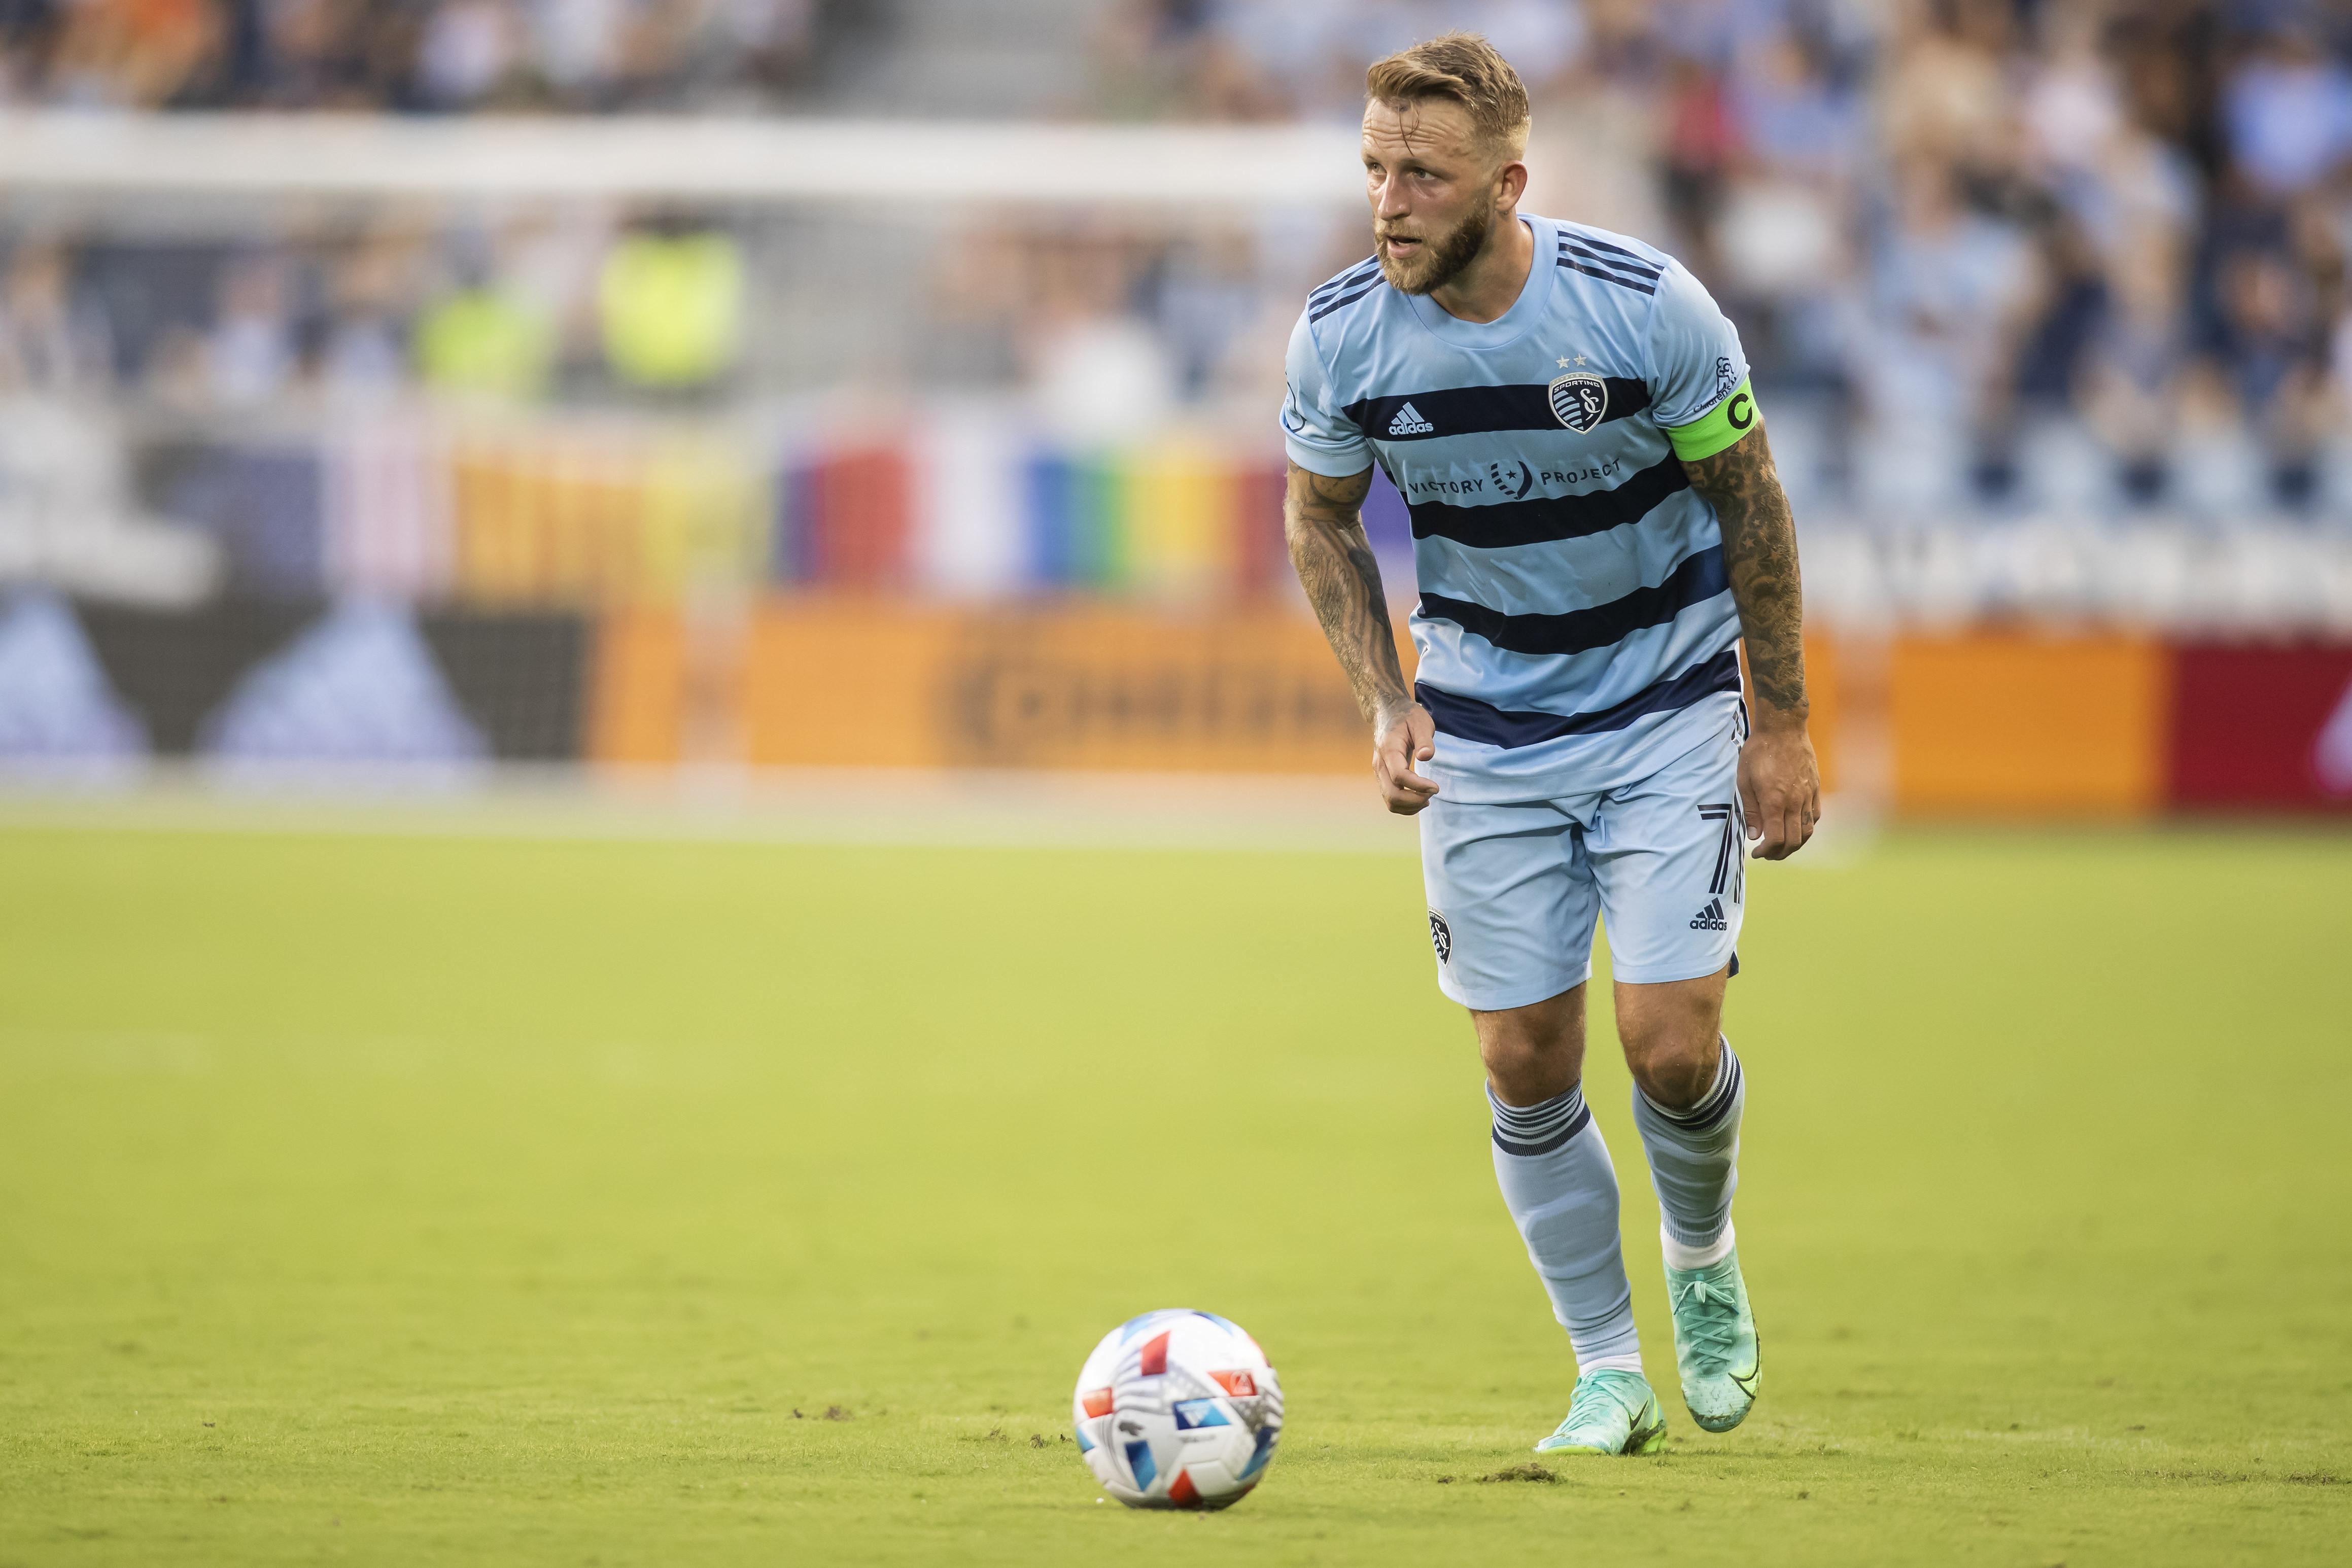 SOCCER: JUL 31 MLS - FC Dallas at Sporting Kansas City